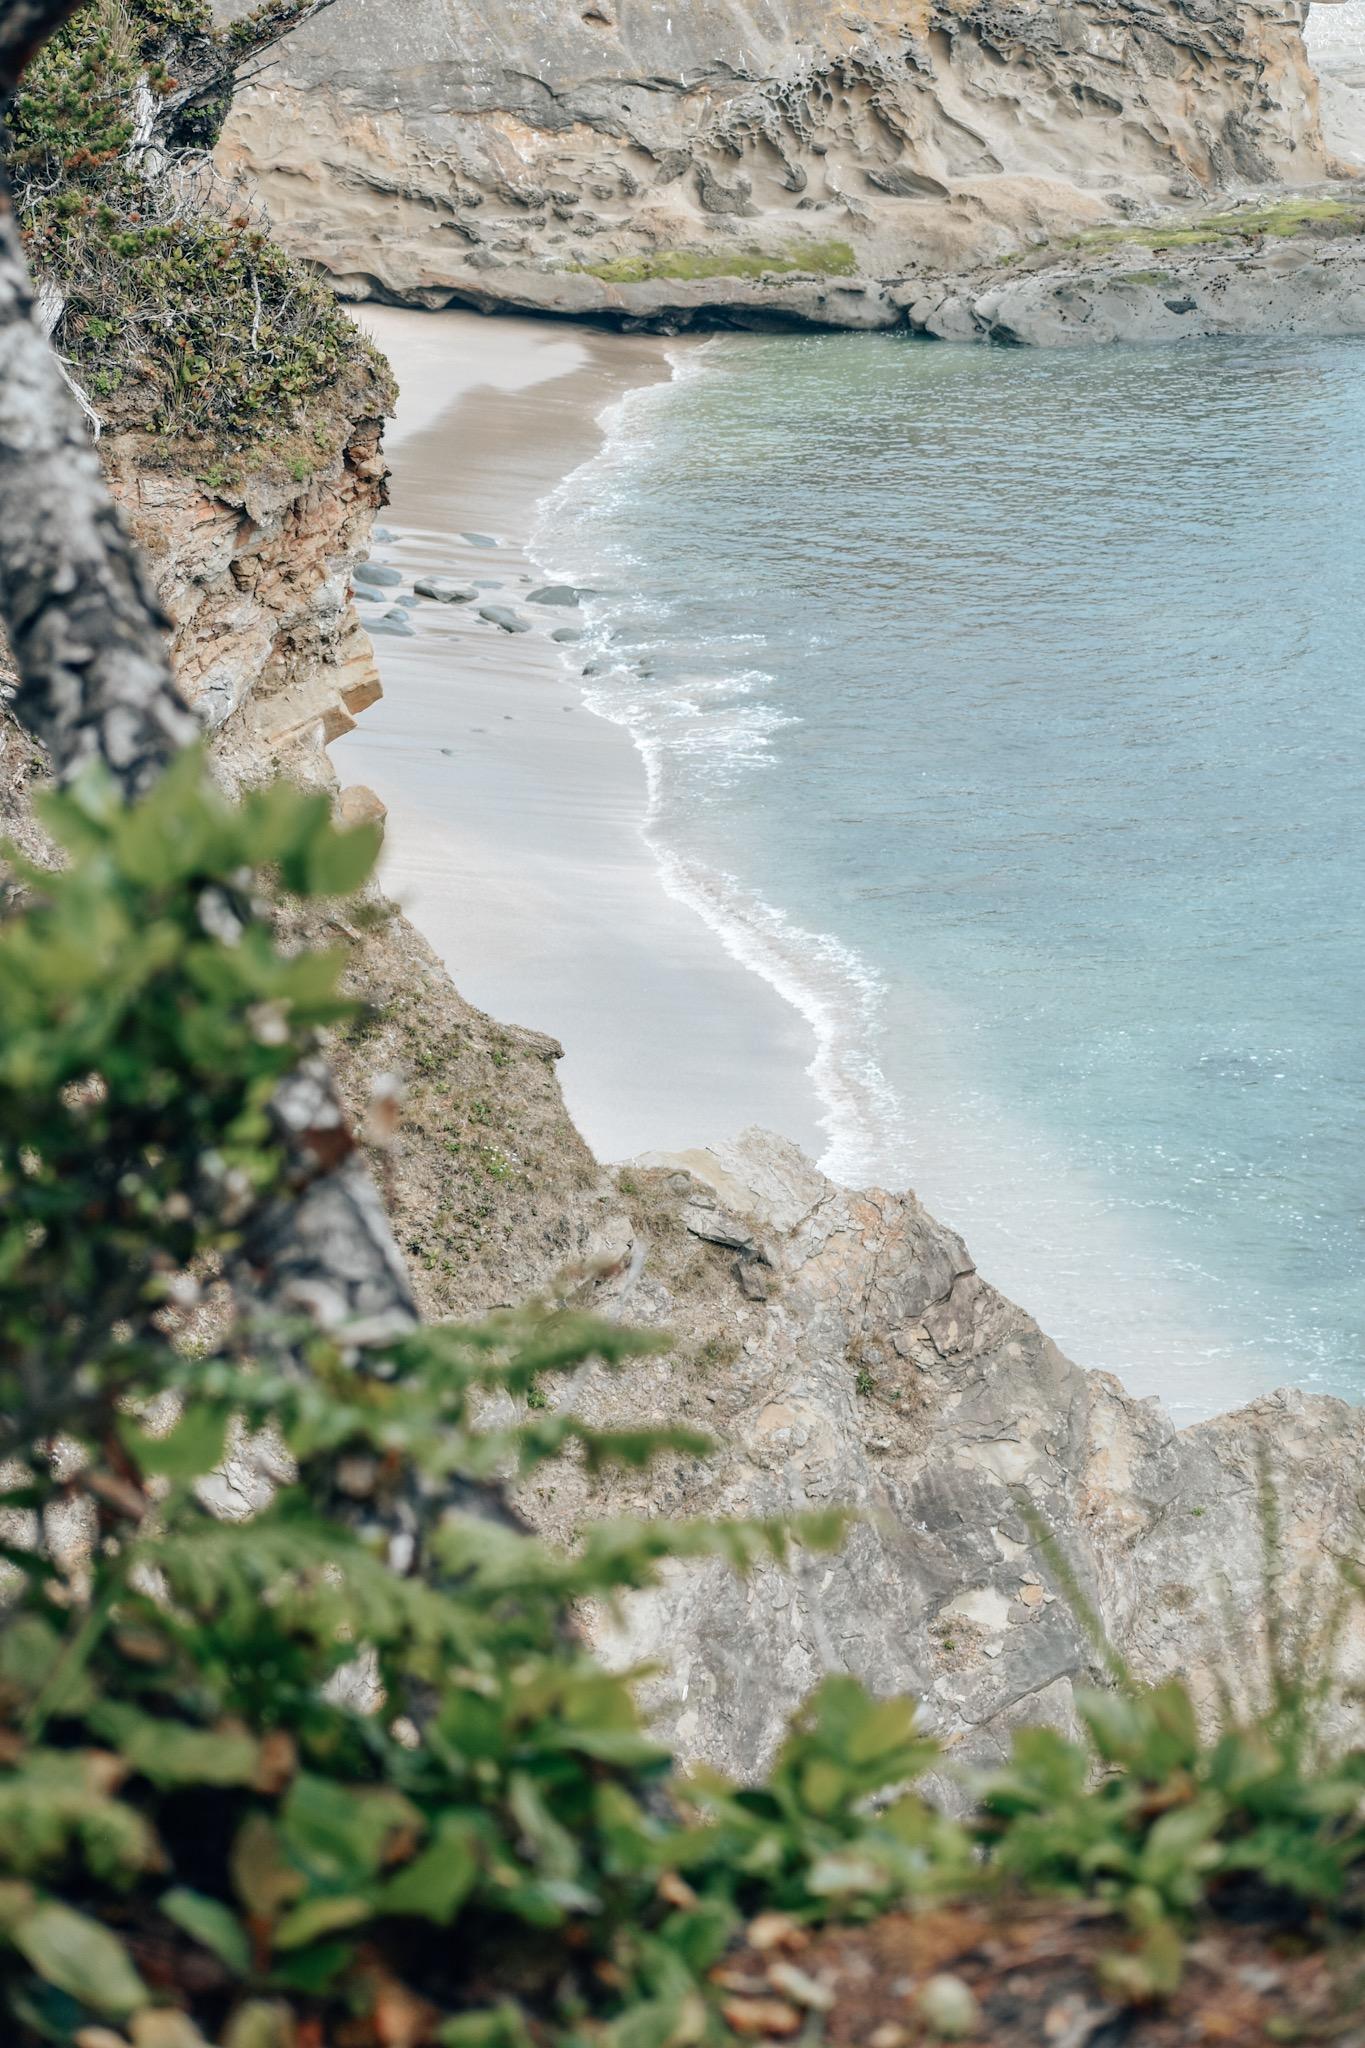 shore-acres-state-park-oregon-coast